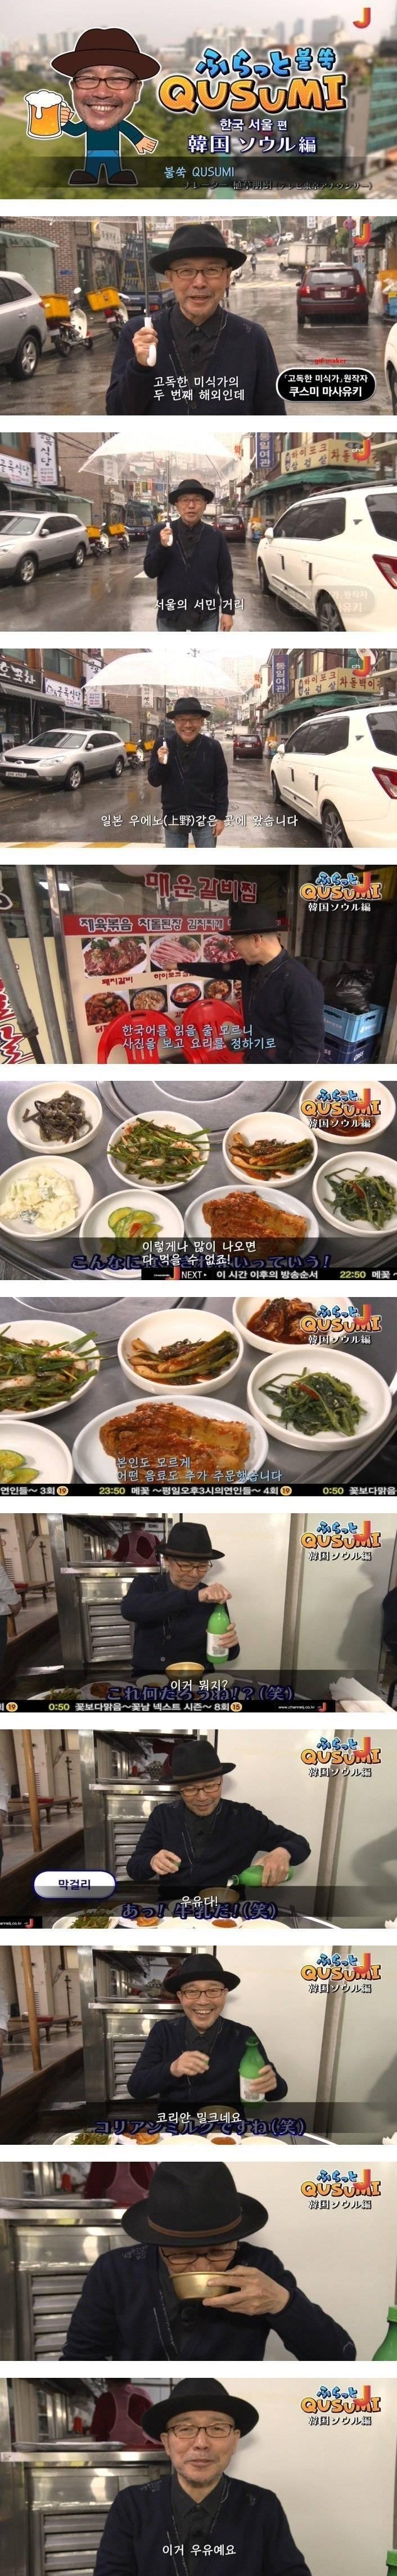 한국식당은 밥먹을때 우유도 주네요.jpg   인스티즈